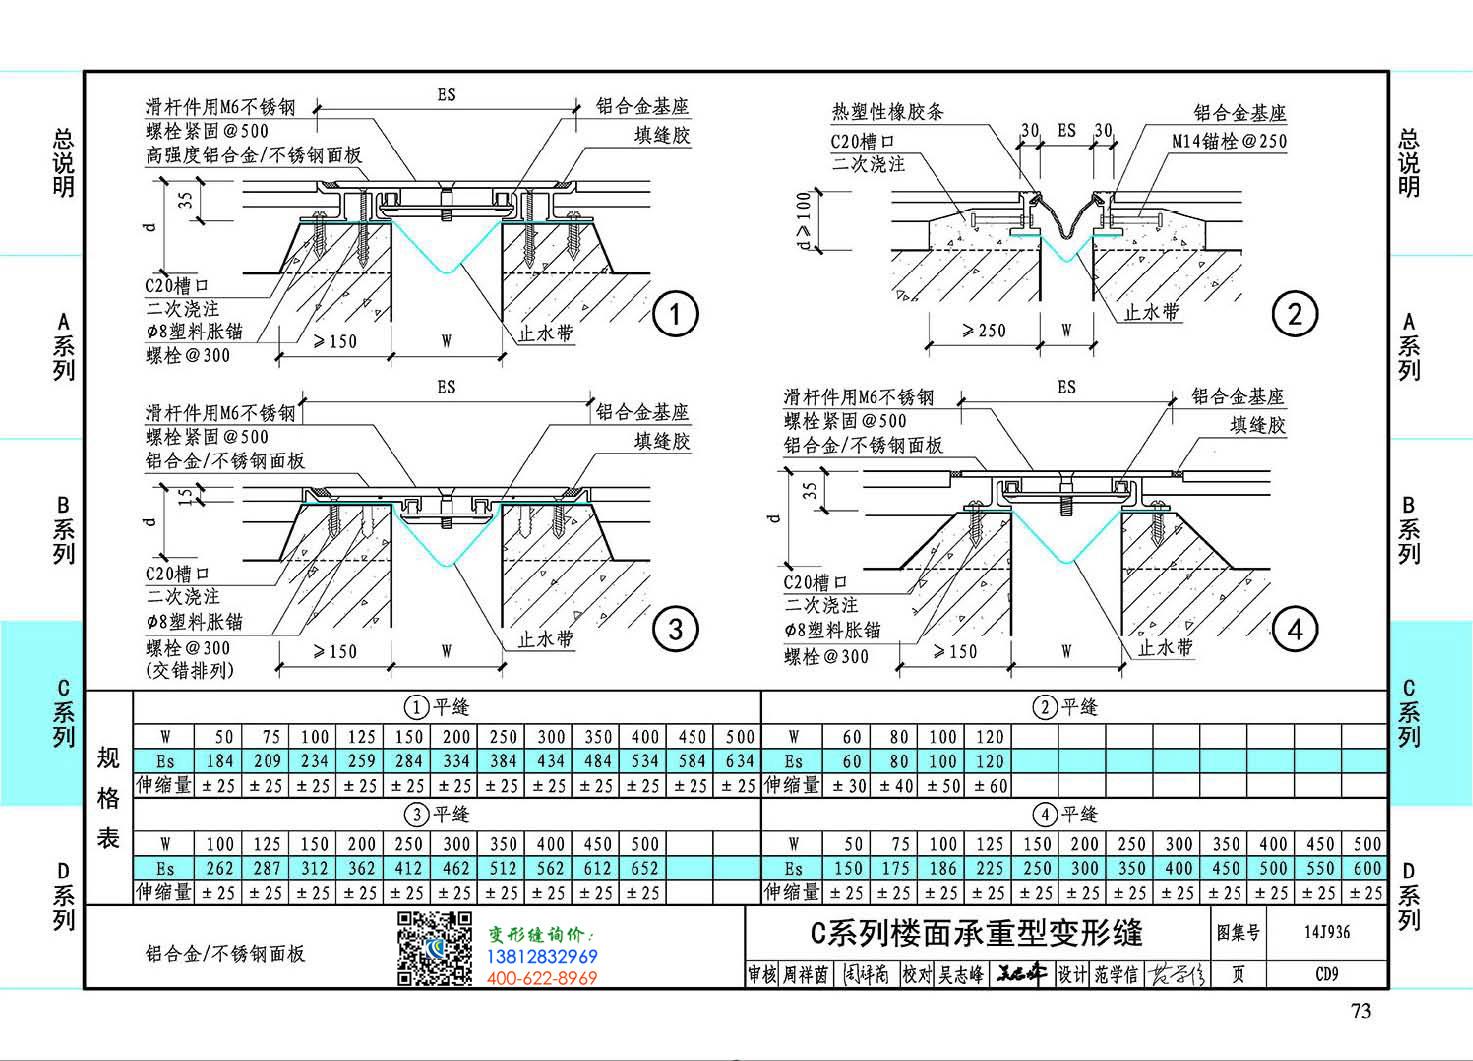 变形缝图集14J936CD9-C系列楼面承重型变形缝